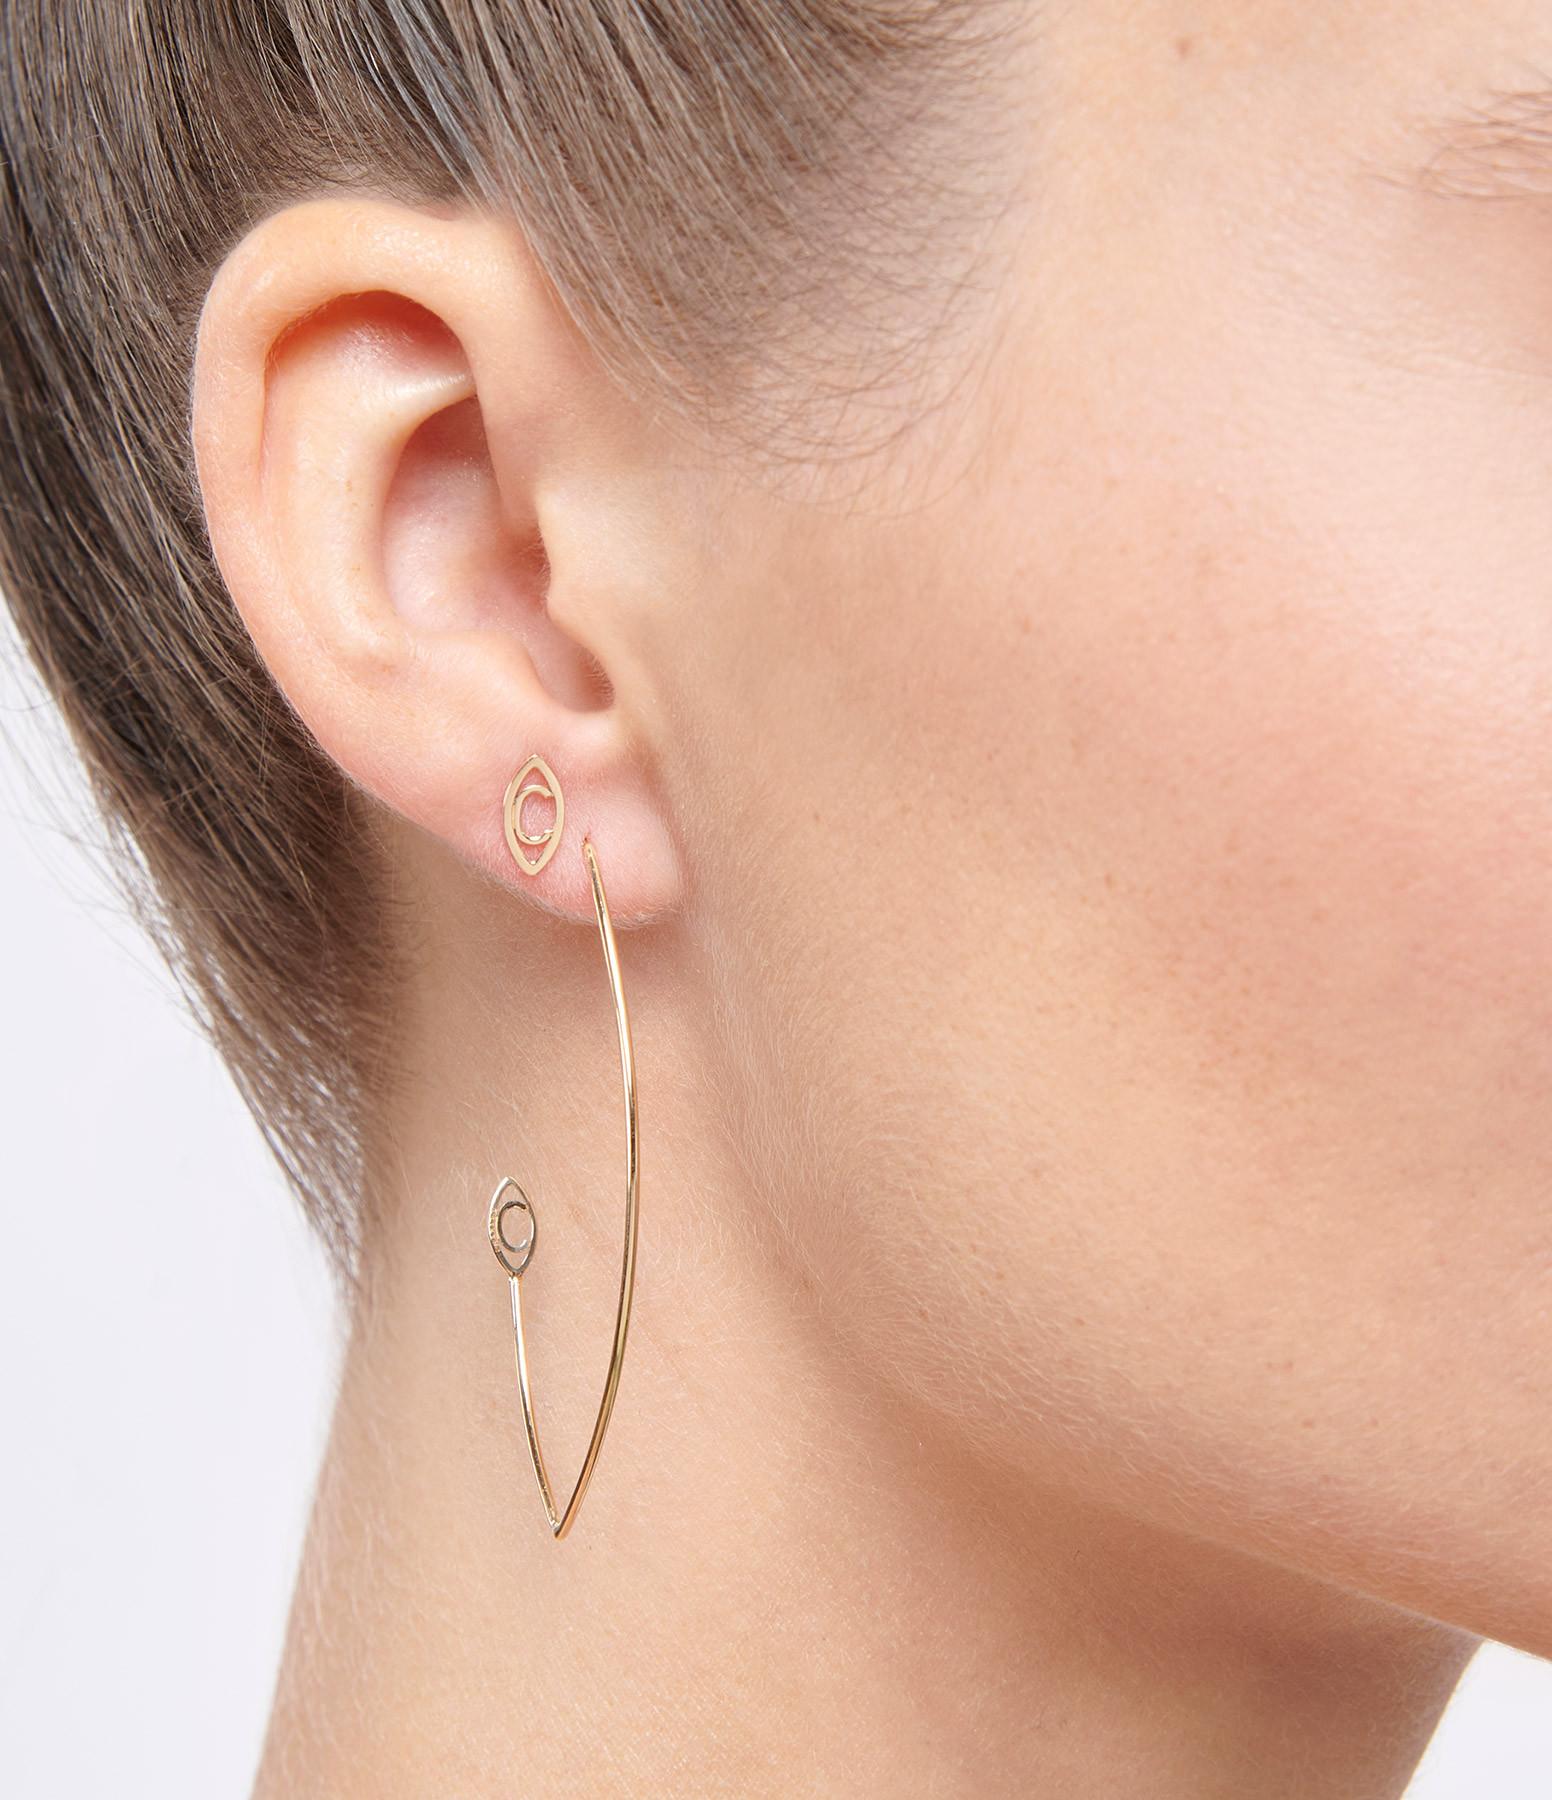 Boucle d'oreille Iris (vendue à l'unité) - Charlet